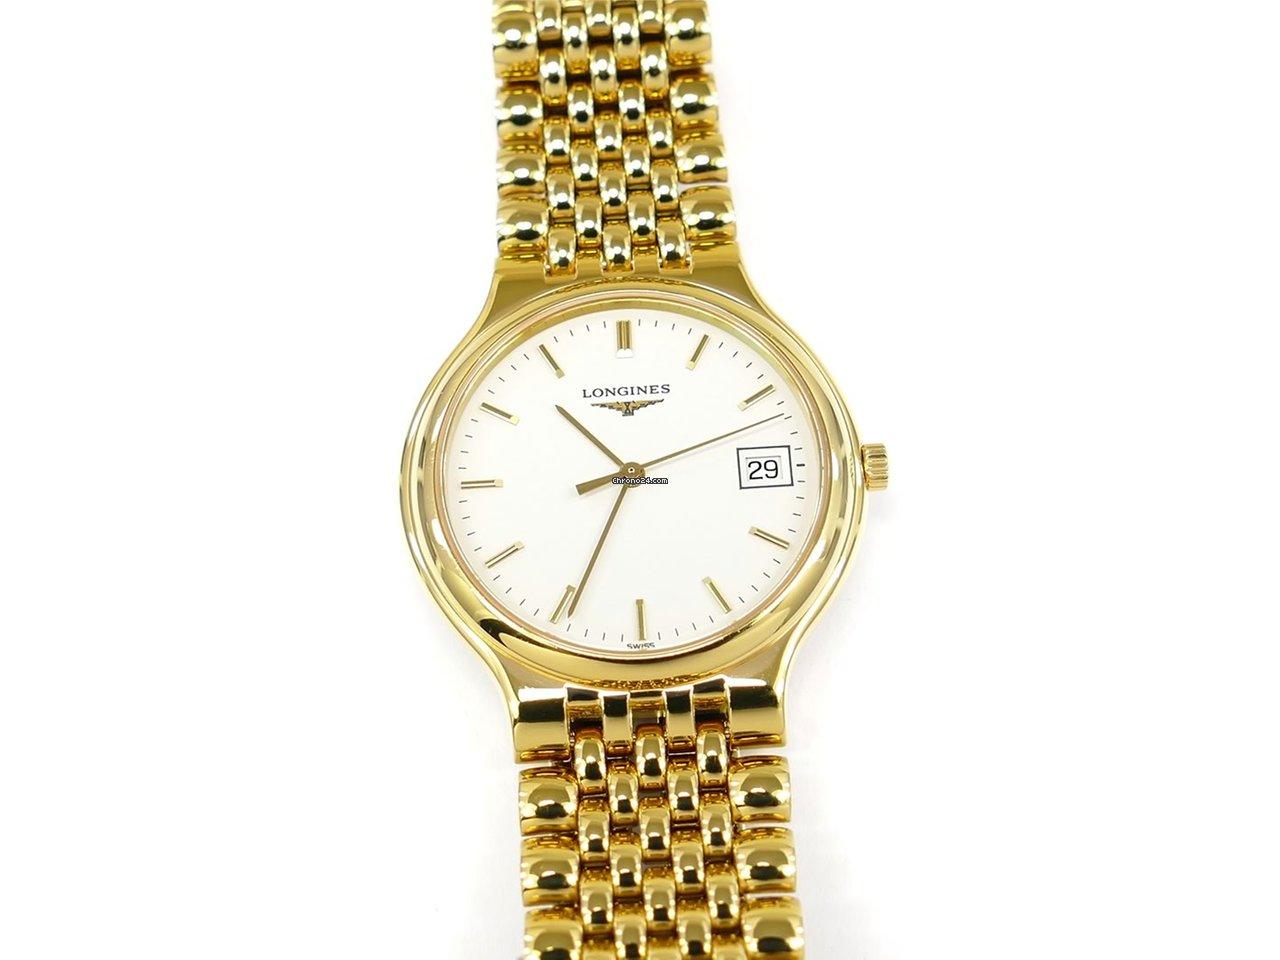 5563d3d3d76 Longines Flagship - Todos os preços de relógios Longines Flagship na  Chrono24